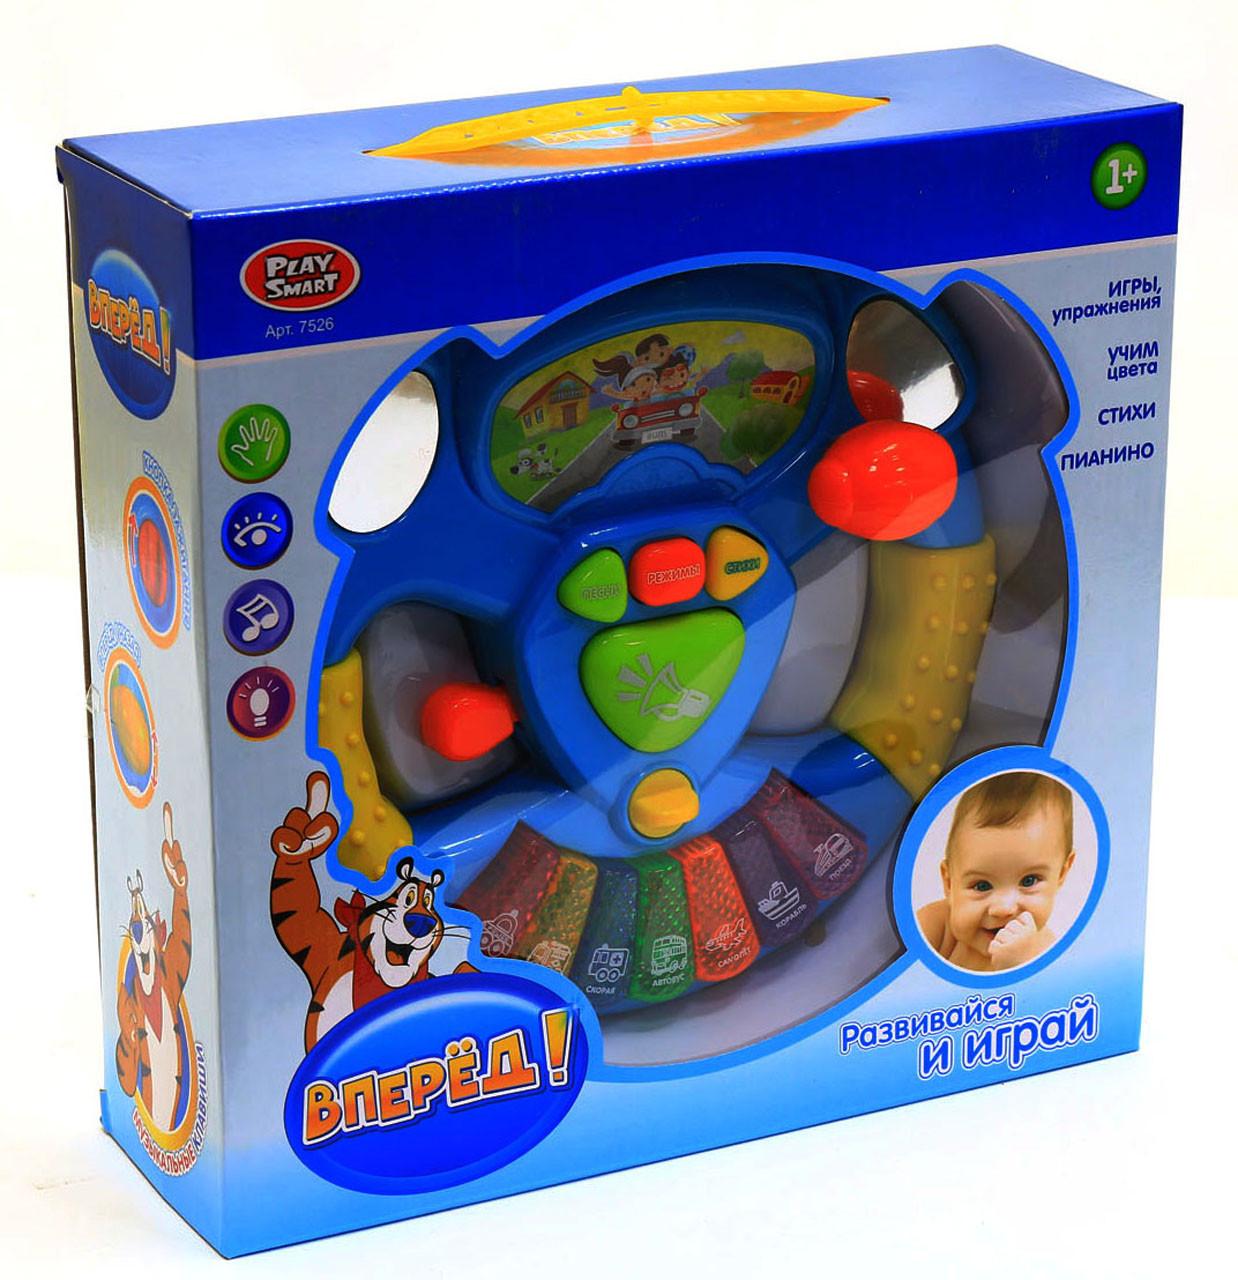 Детская музыкальная игрушка руль «Вперед» 7526